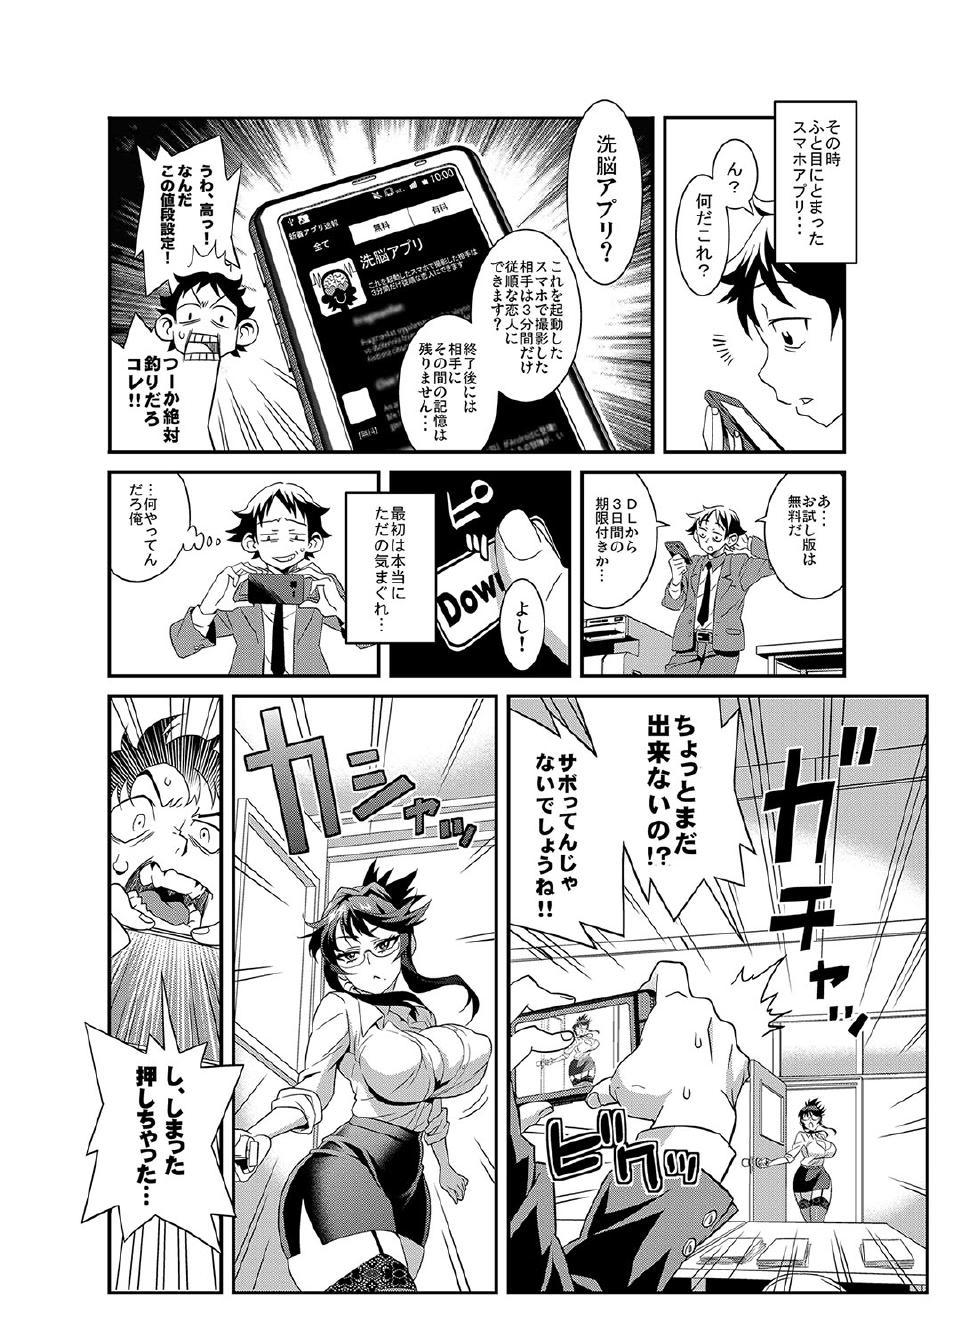 Zettai Fukujuu★3pun Kanojo 4